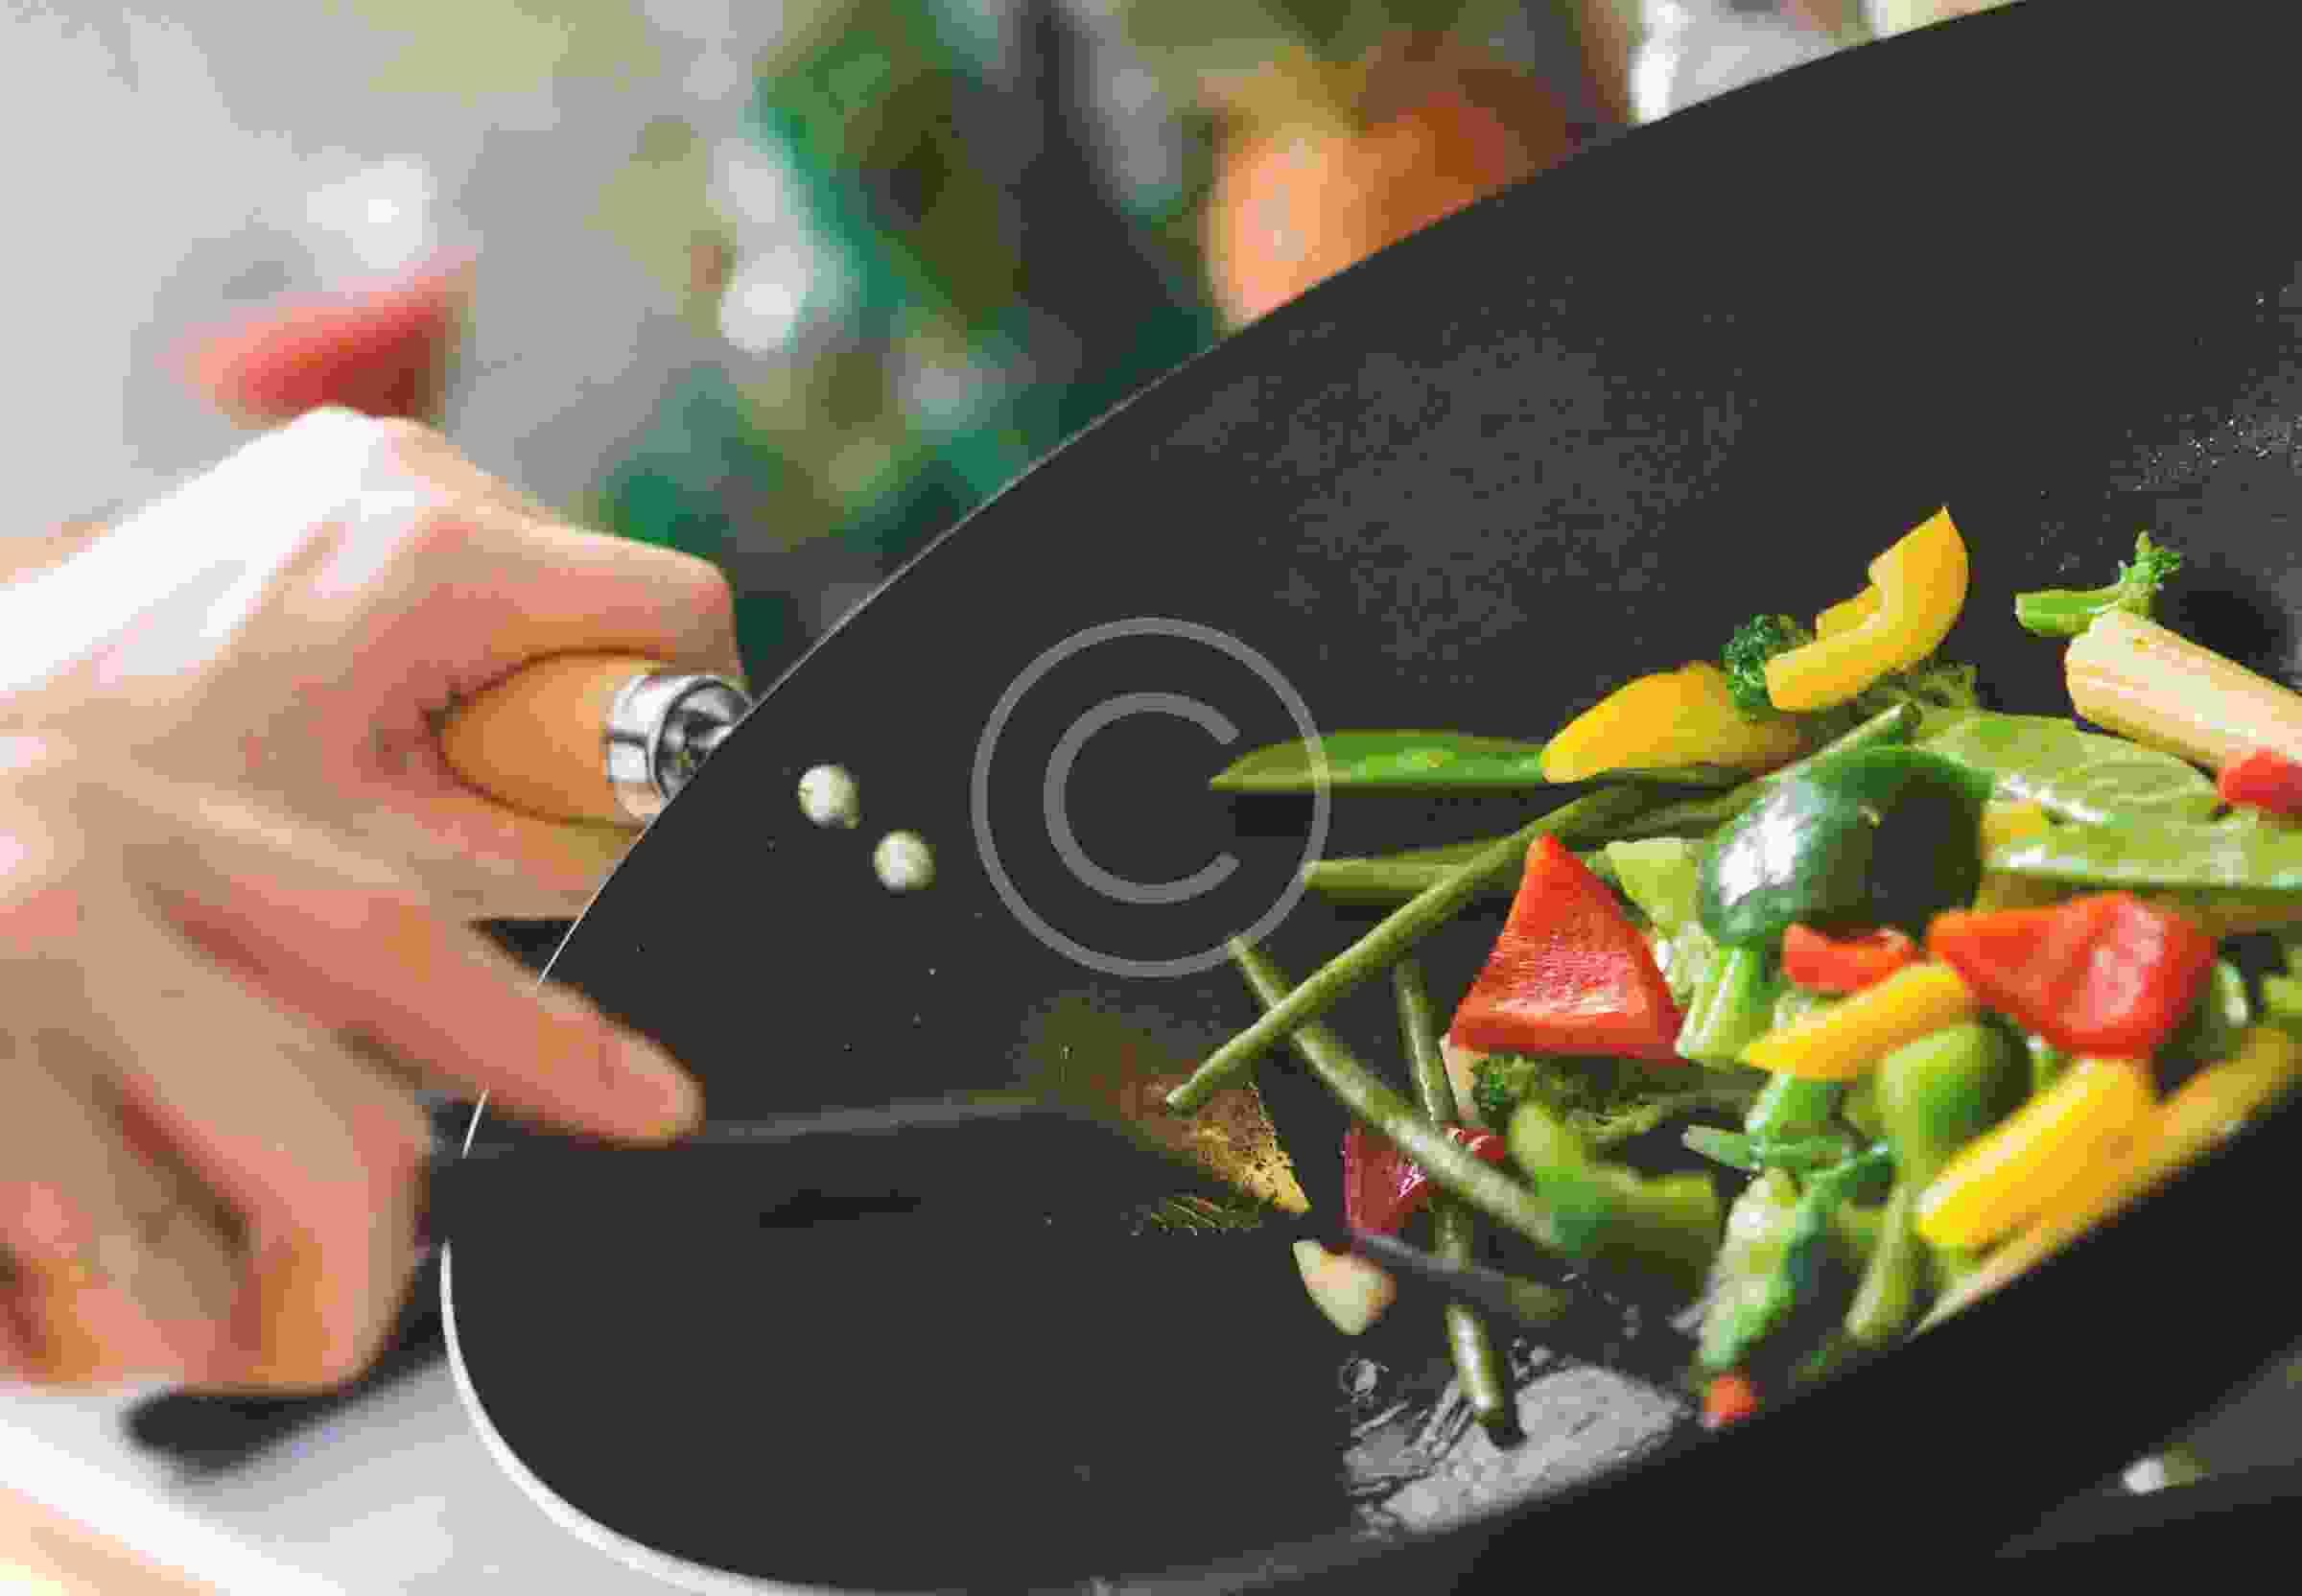 Malasian cuisine week in Brooklyn